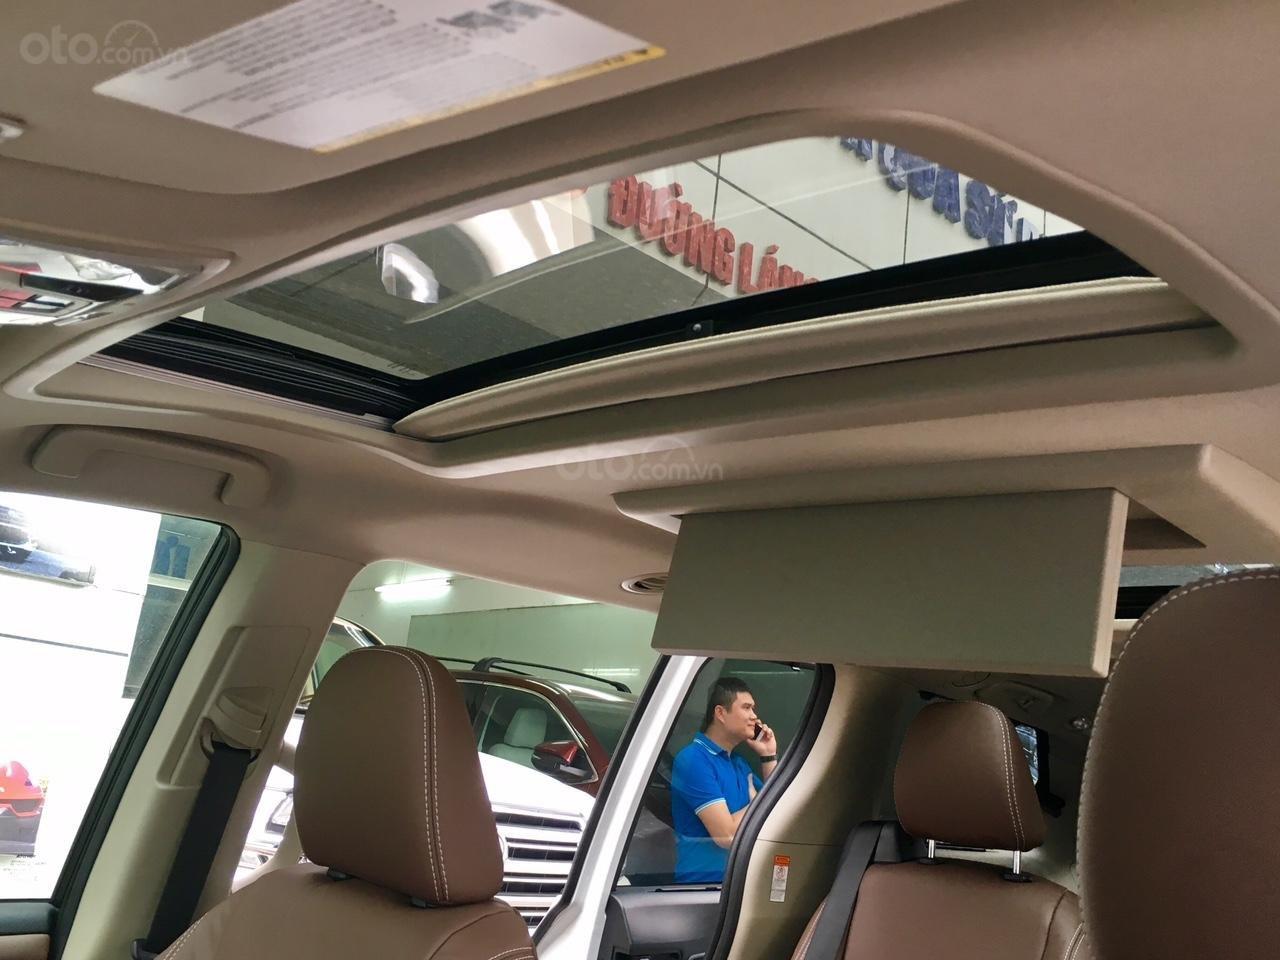 Bán Toyota Sienna Limited 1 cầu model 2020 giao ngay toàn quốc, giá tốt - LH 093.996.2368 Ms Ngọc Vy (10)